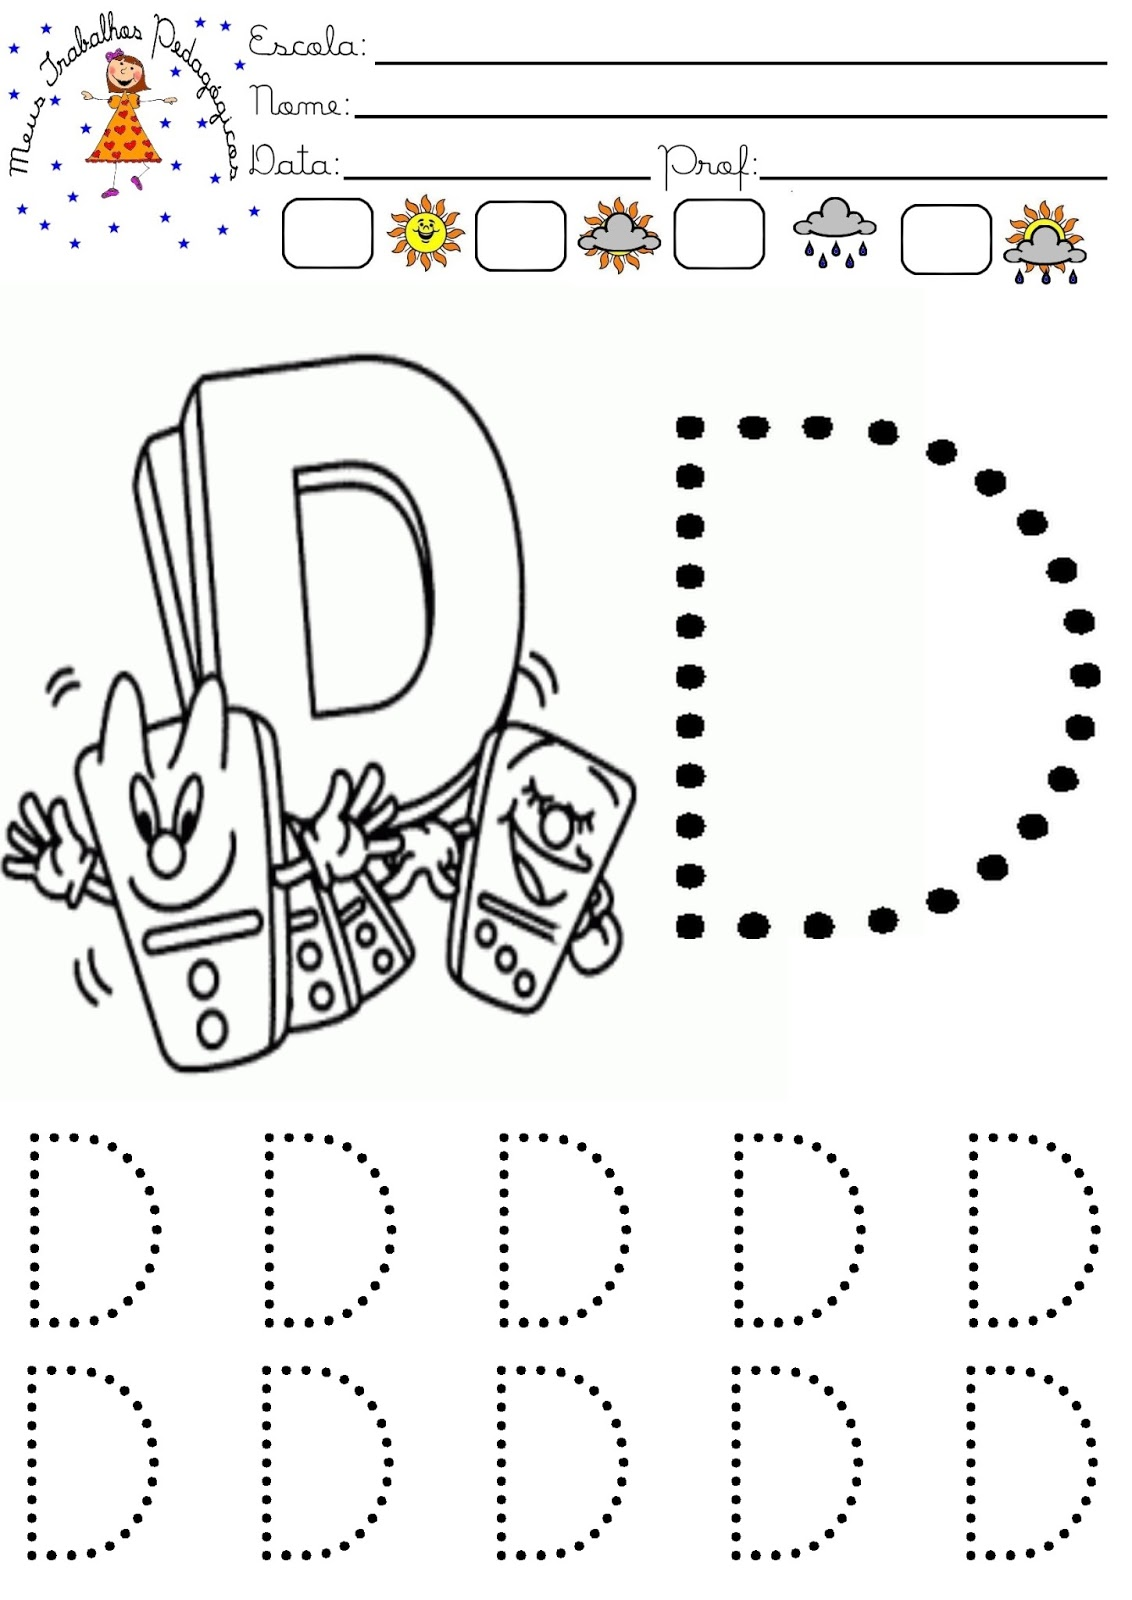 Meus Trabalhos Pedagogicos Atividades Com A Letra D